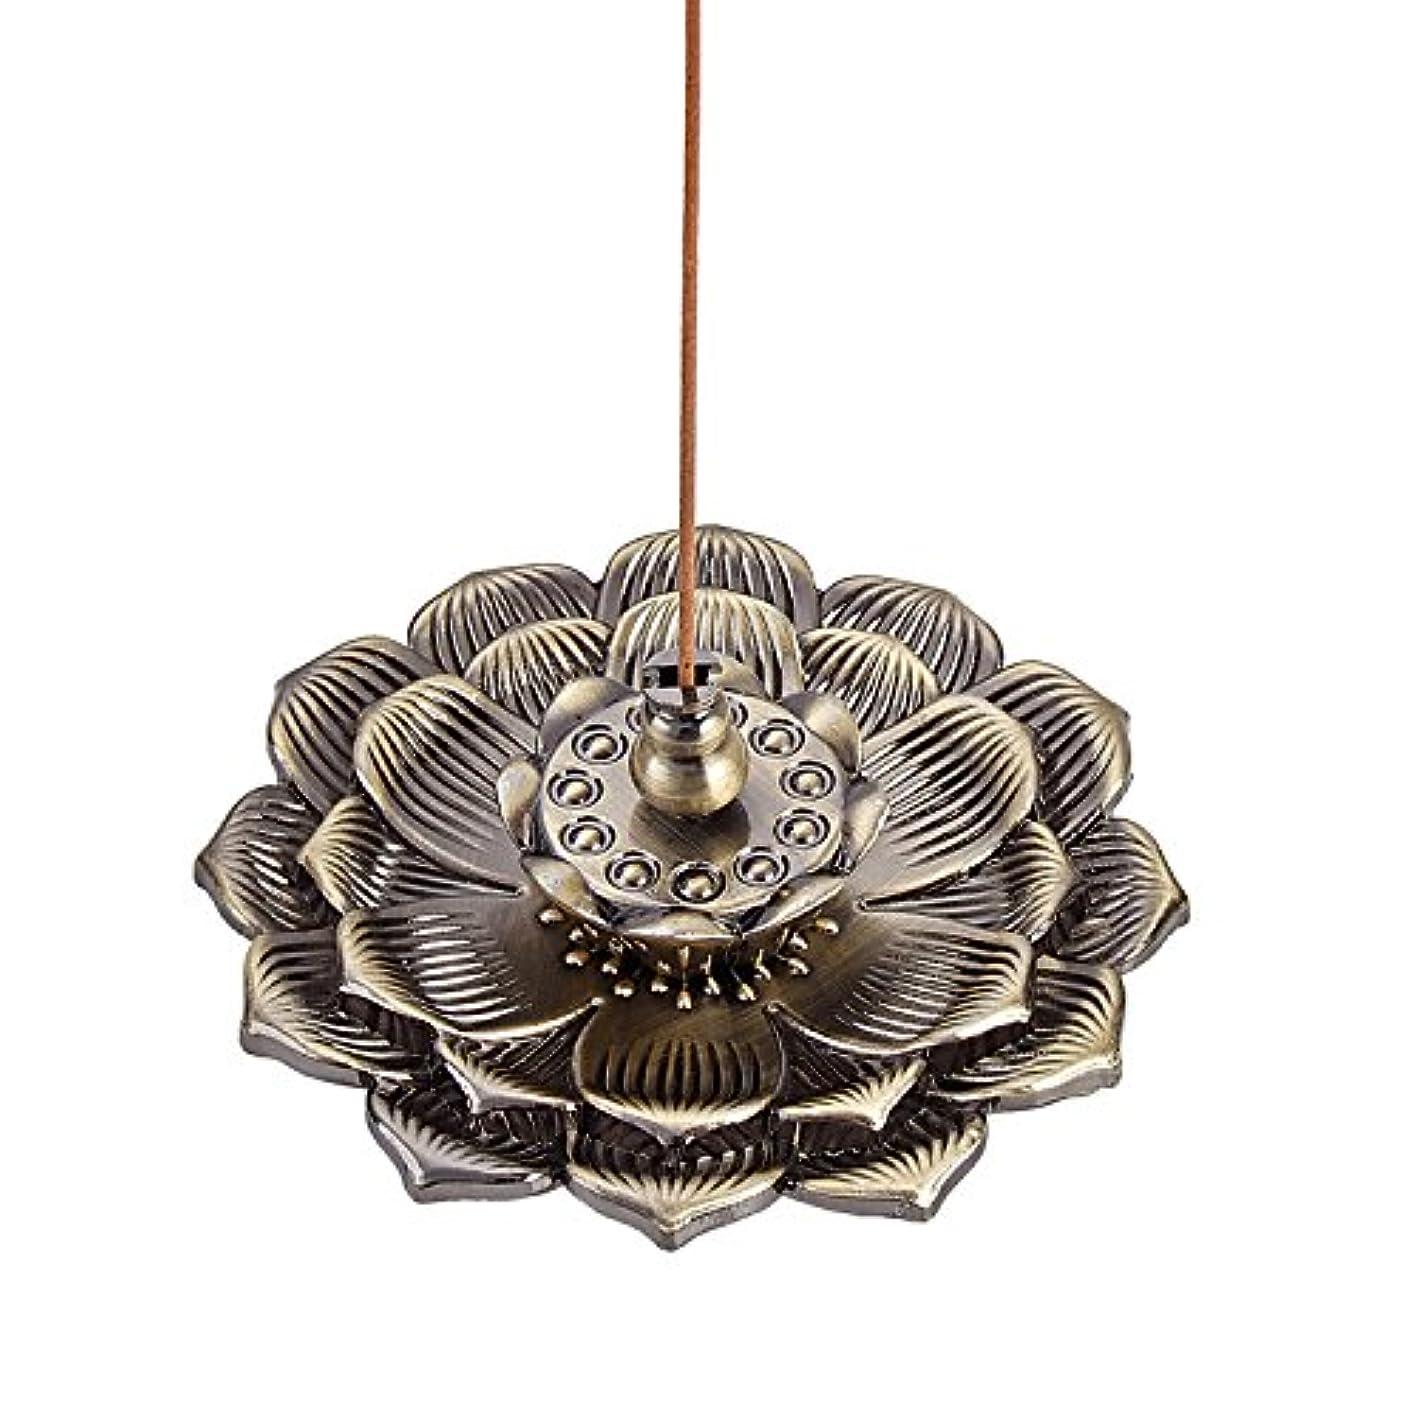 タイプ輸送より良いUoon Hand MadeチベットLotus Flower Religious Incense Burner forスティック、コーンand Coil Incense